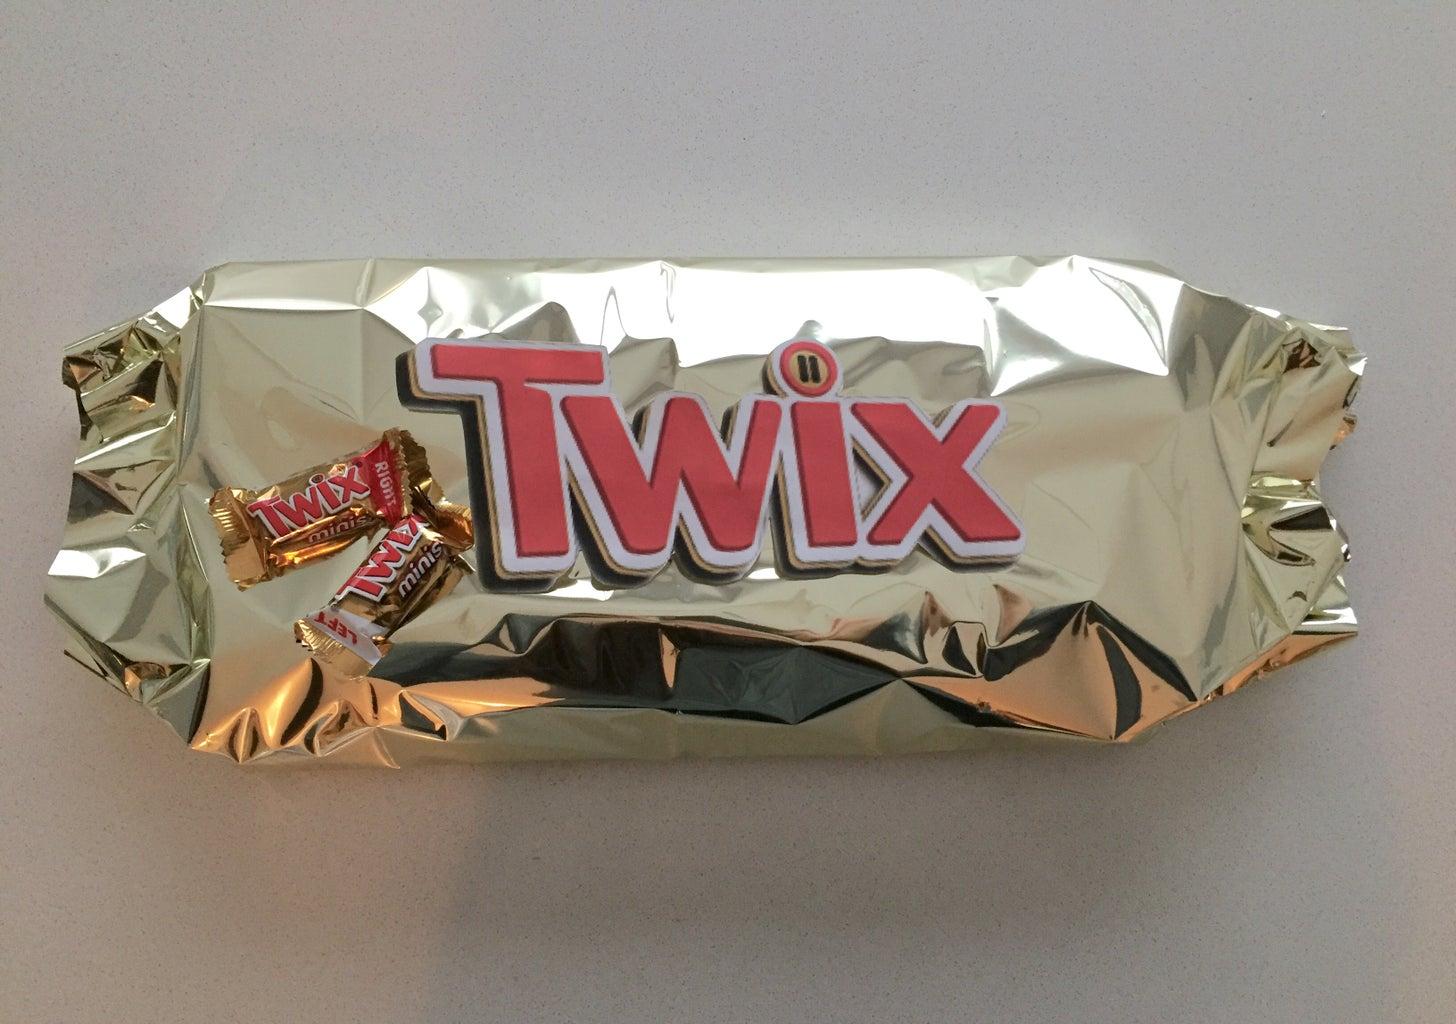 Giant Twix Bars!